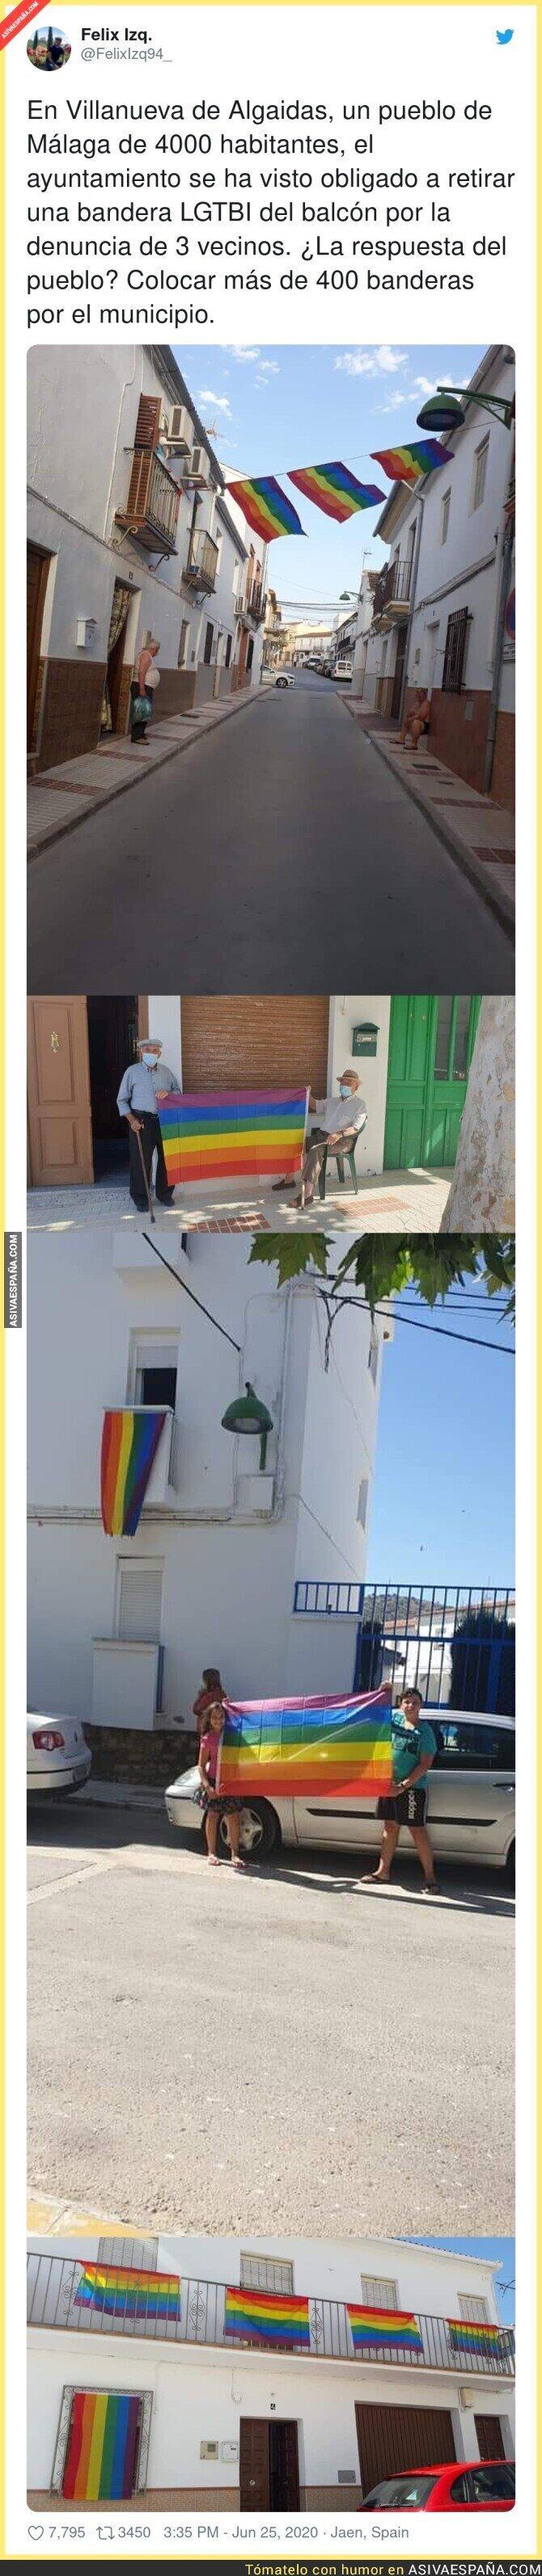 241689 - La gran respuesta del pueblo Villanueva de Algaidas tras verse obligado a retirar una bandera LGTBI de un balcón